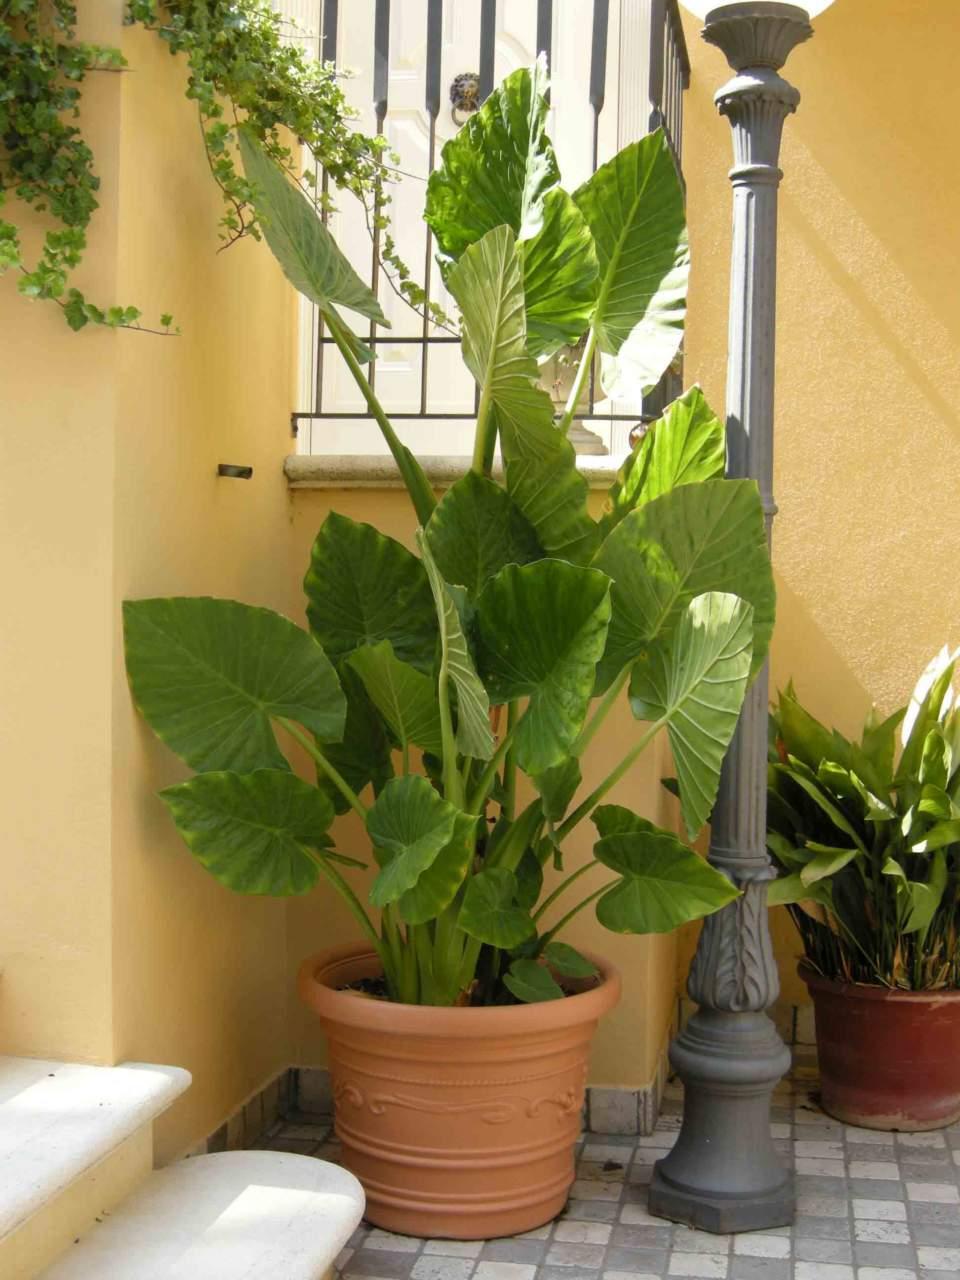 Piante Da Appartamento Ambiente Buio lavori in terrazzo a giugno: cura delle piante - passione in